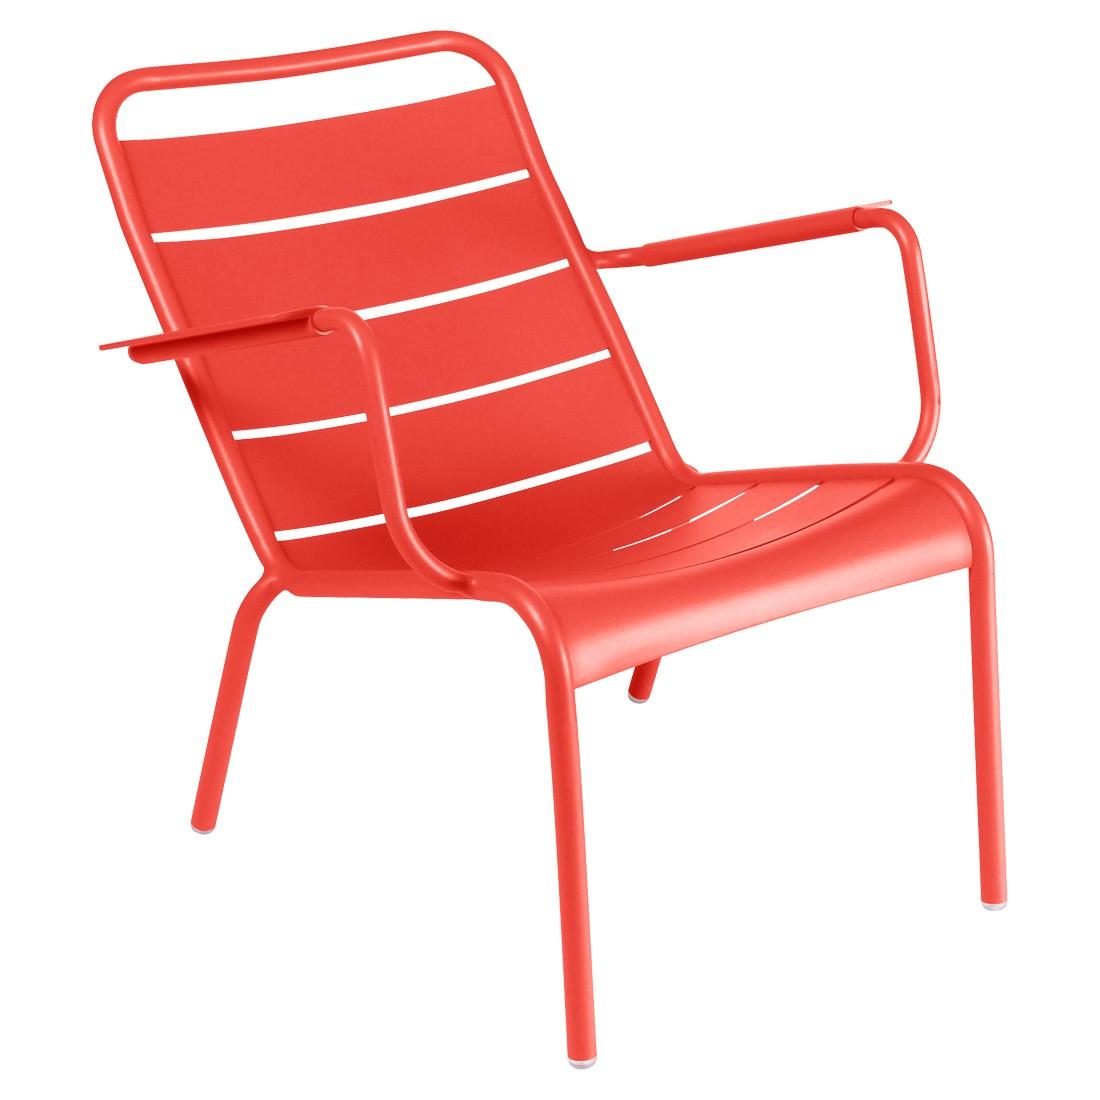 Fermob : Le Cèdre Rouge, Distributeur Officiel